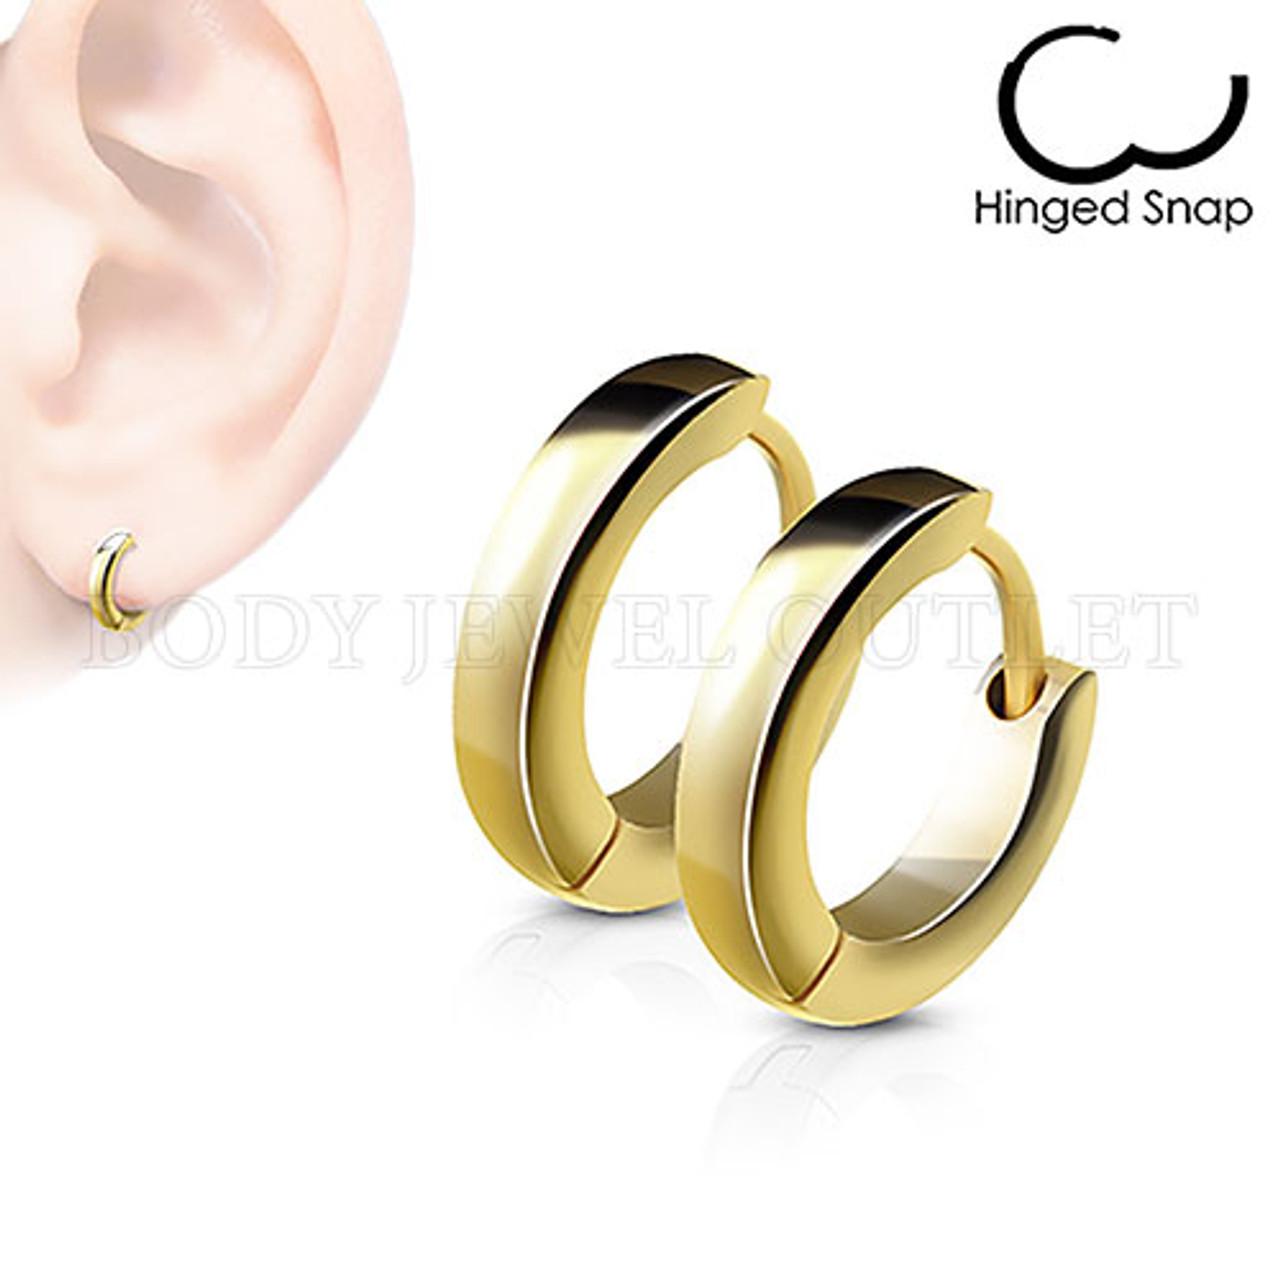 Plain Gold IP Thin 2.5mm Wide - 316L Stainless Steel Hoop/Huggie Earrings - Pair (2 Pieces)